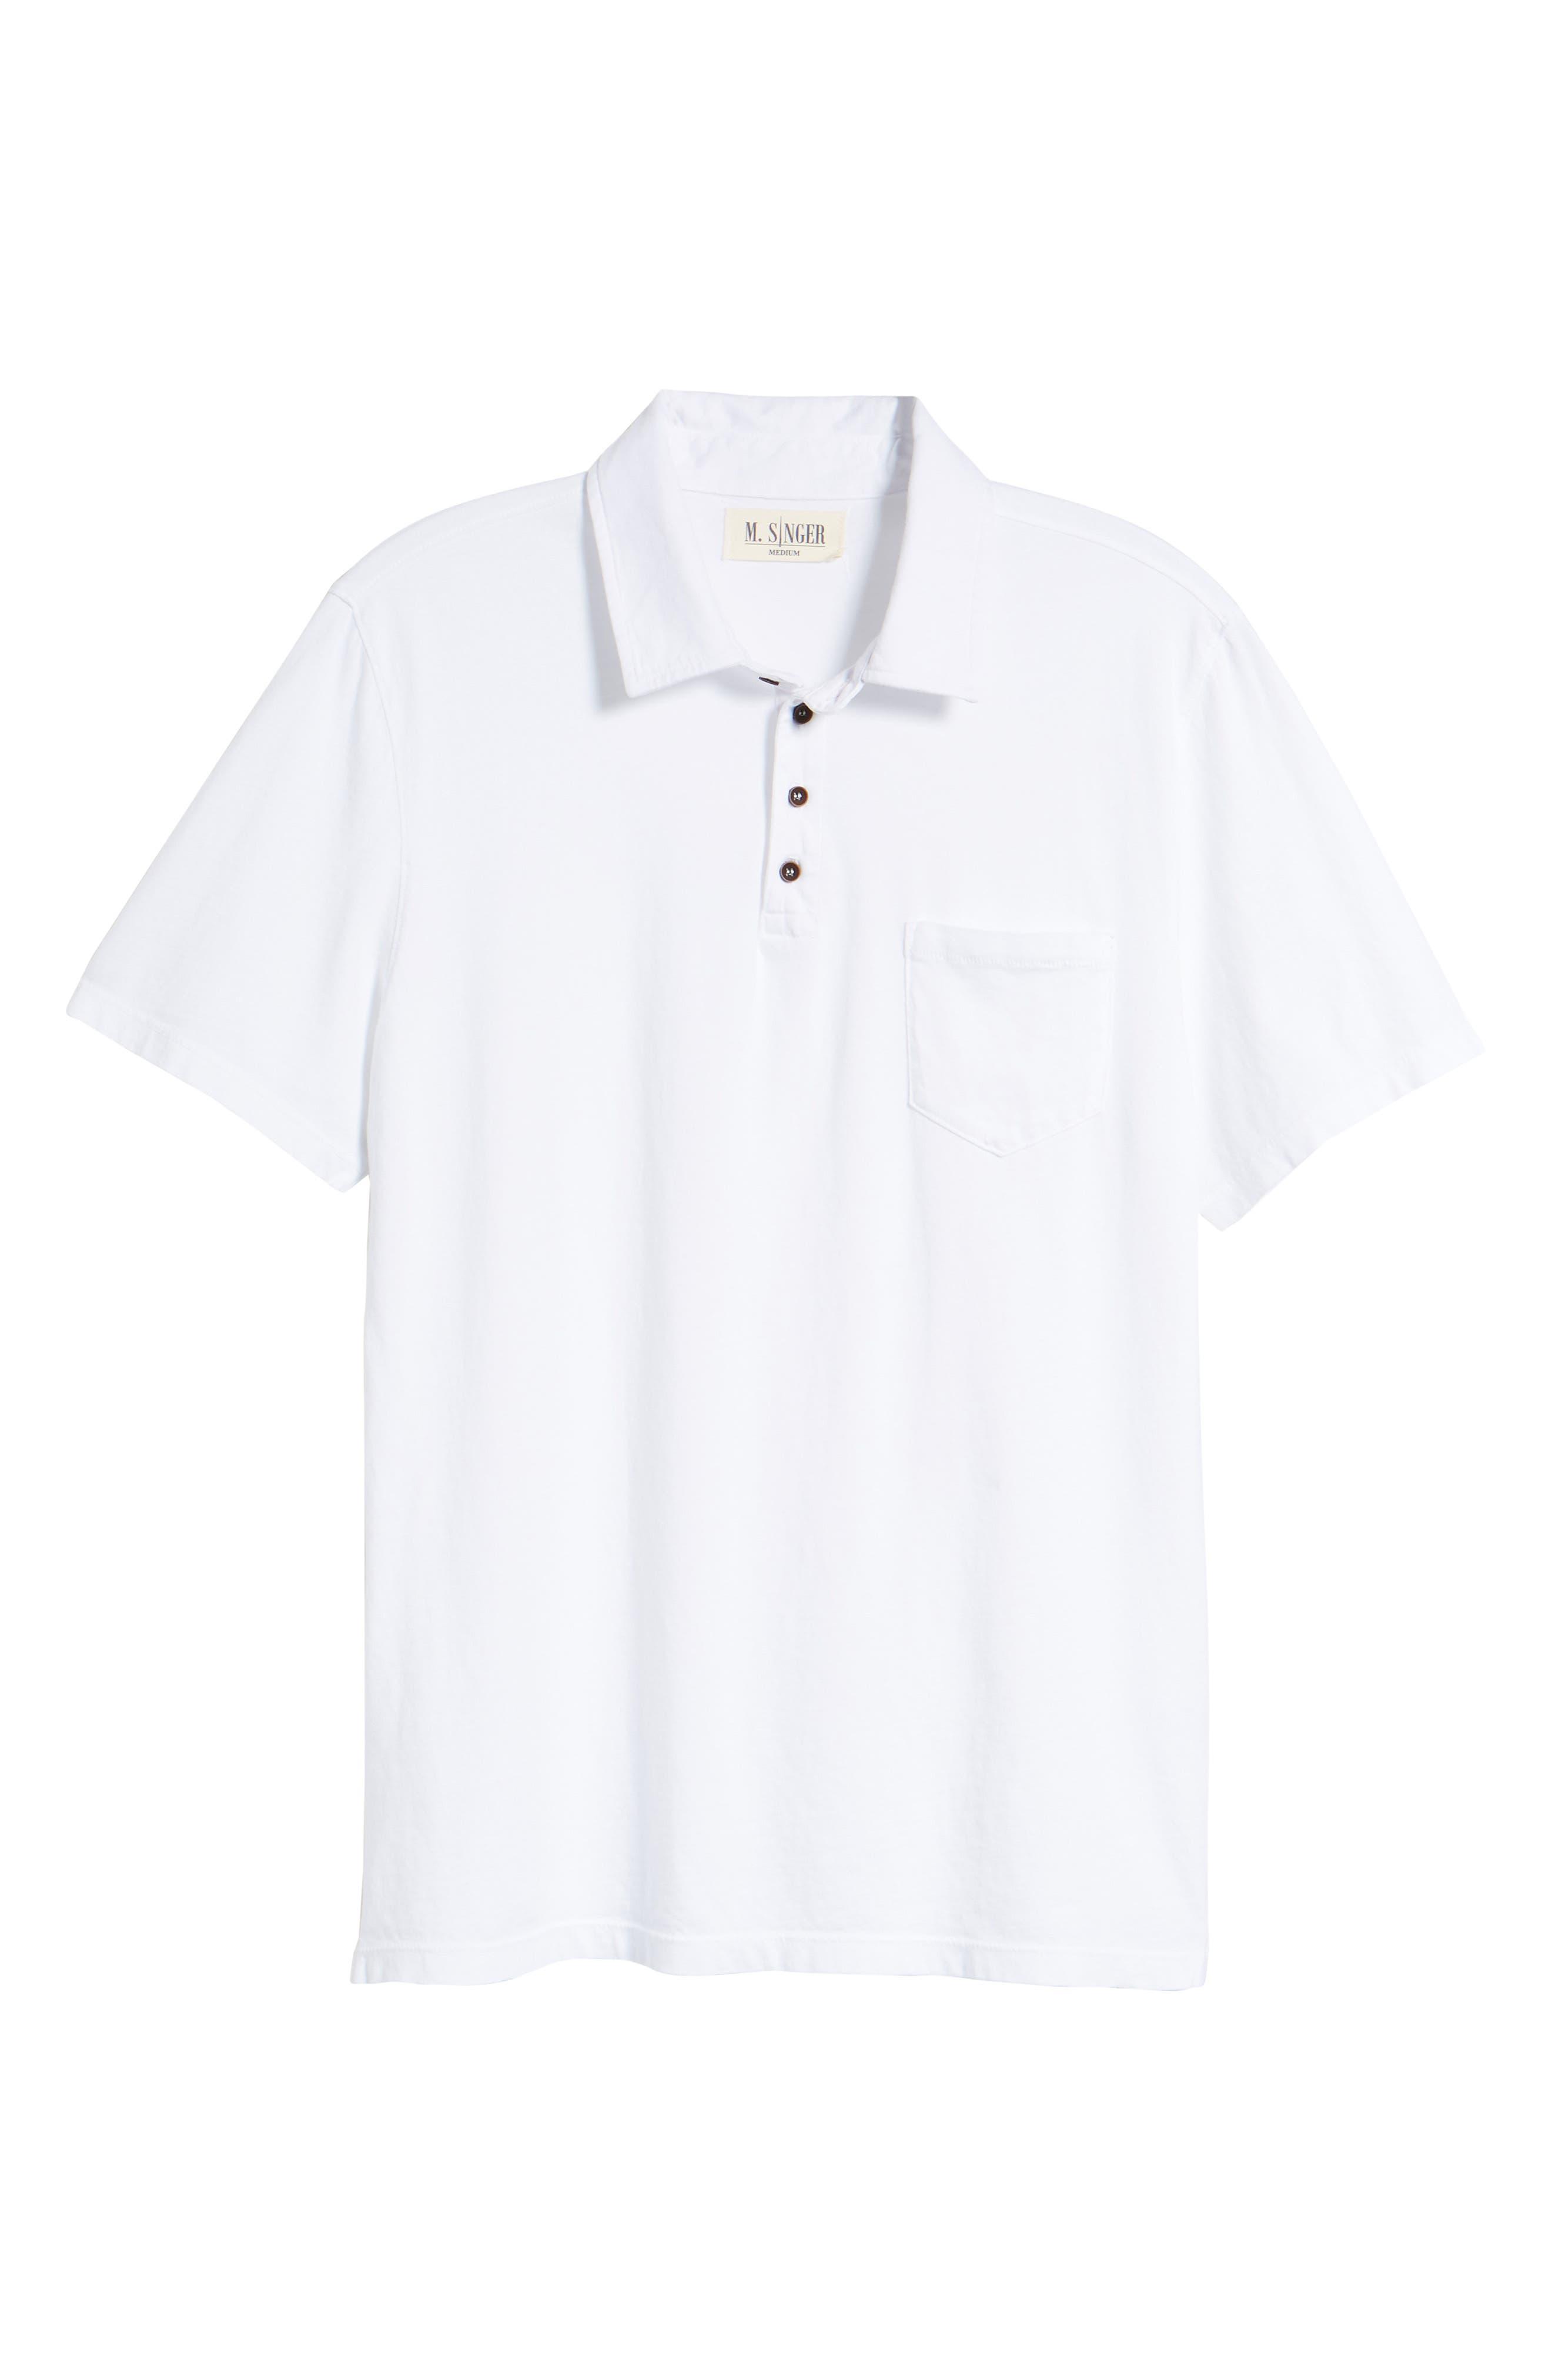 M.SINGER,                             Regular Fit Pocket Polo,                             Alternate thumbnail 6, color,                             WHITE